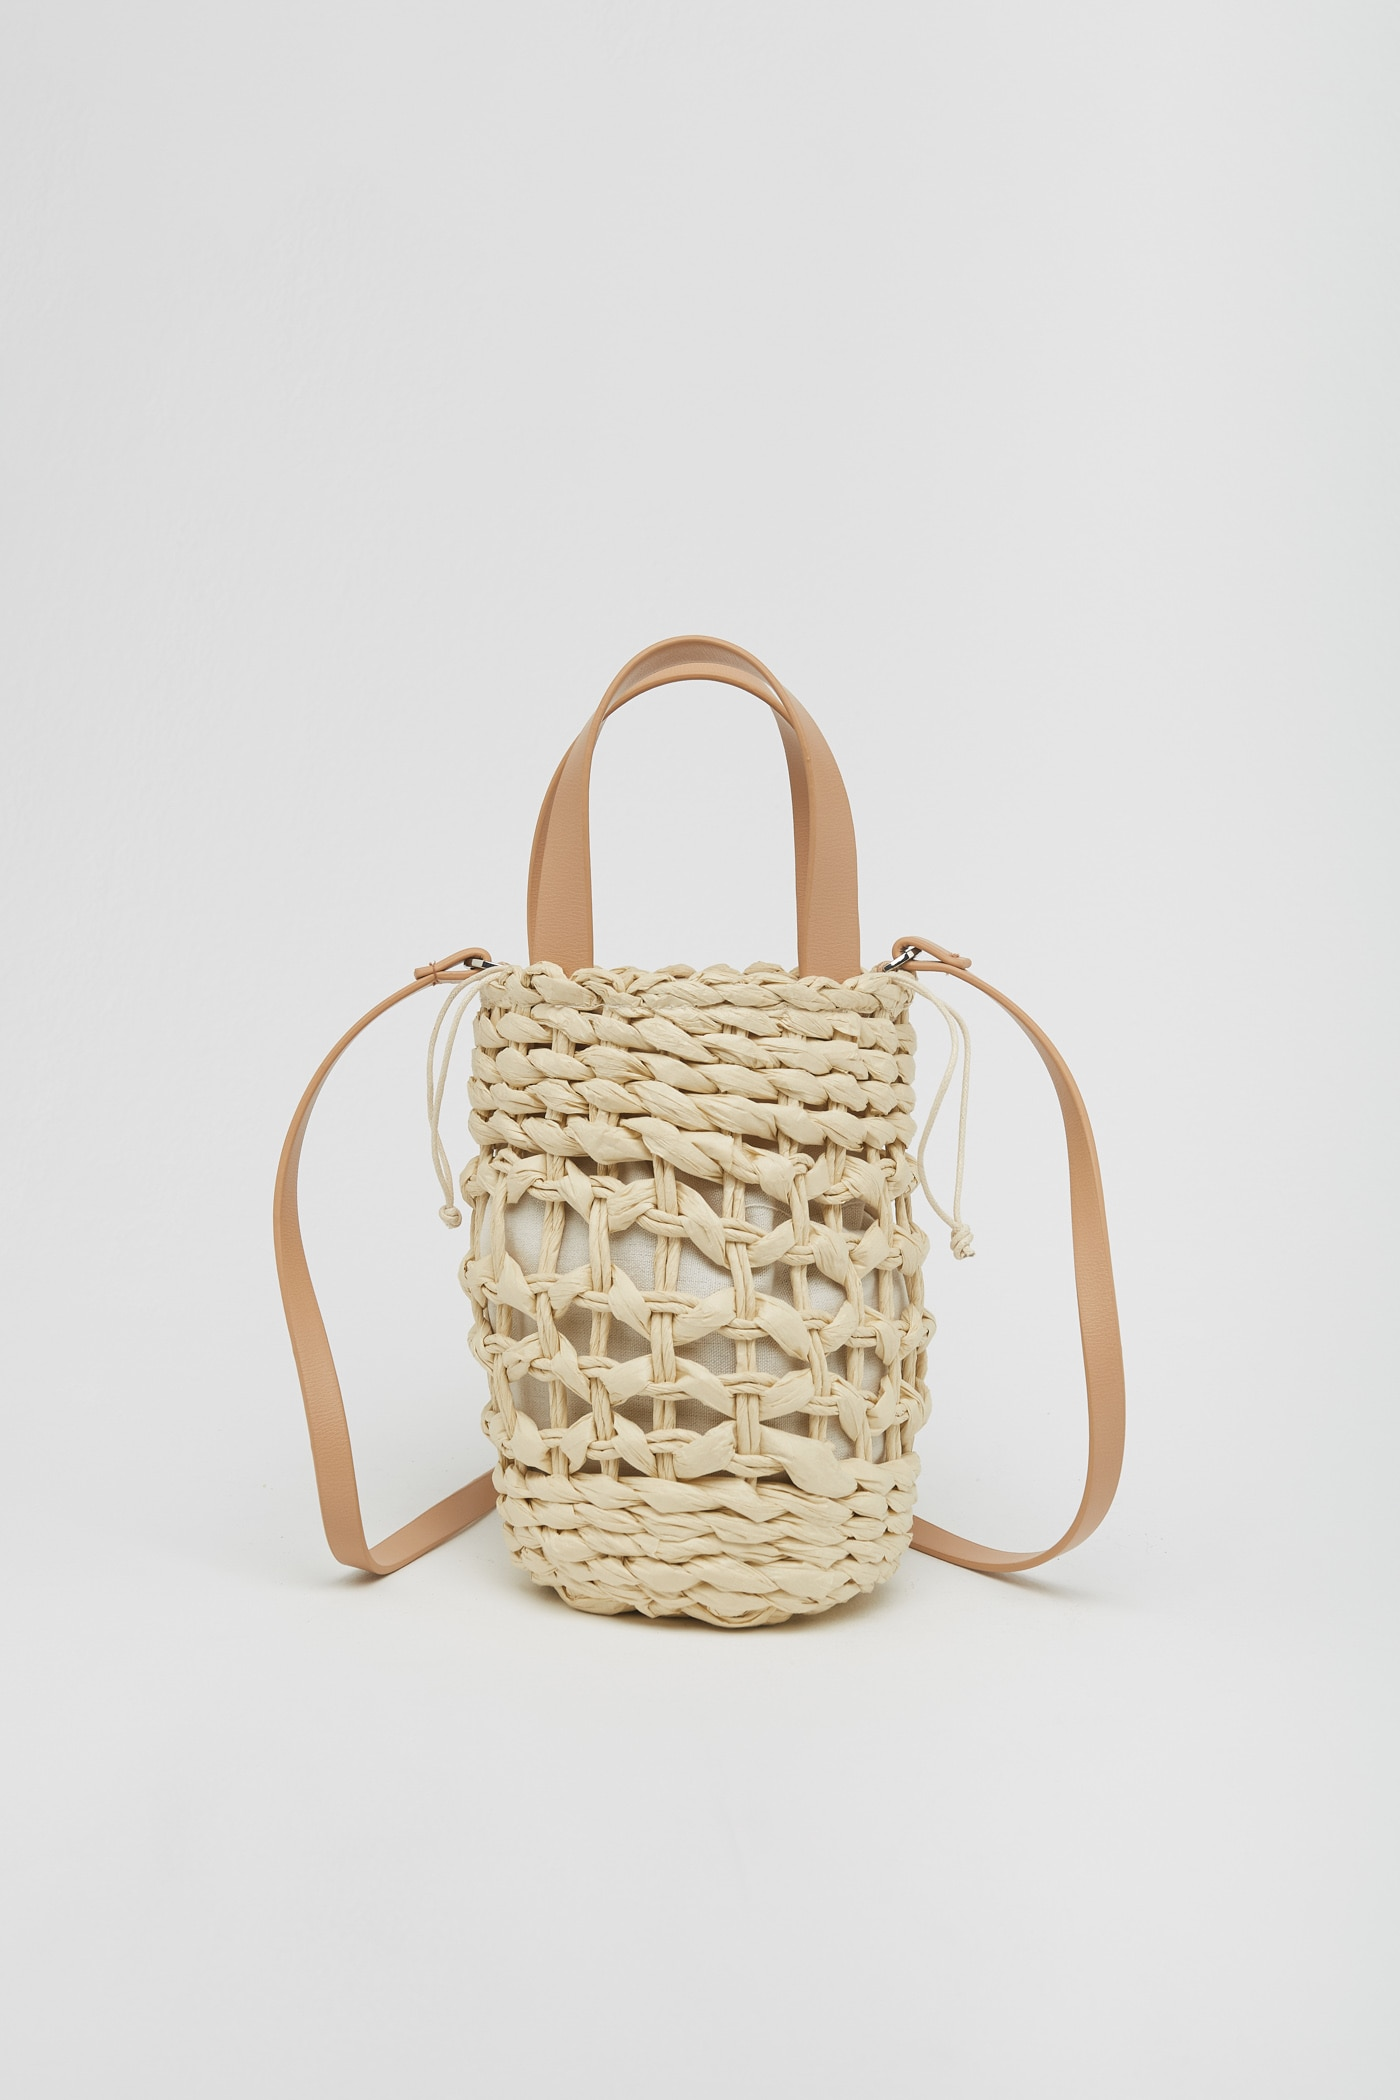 Sfera se inspira en el original bolso cilíndrico de Loewe de 400 euros